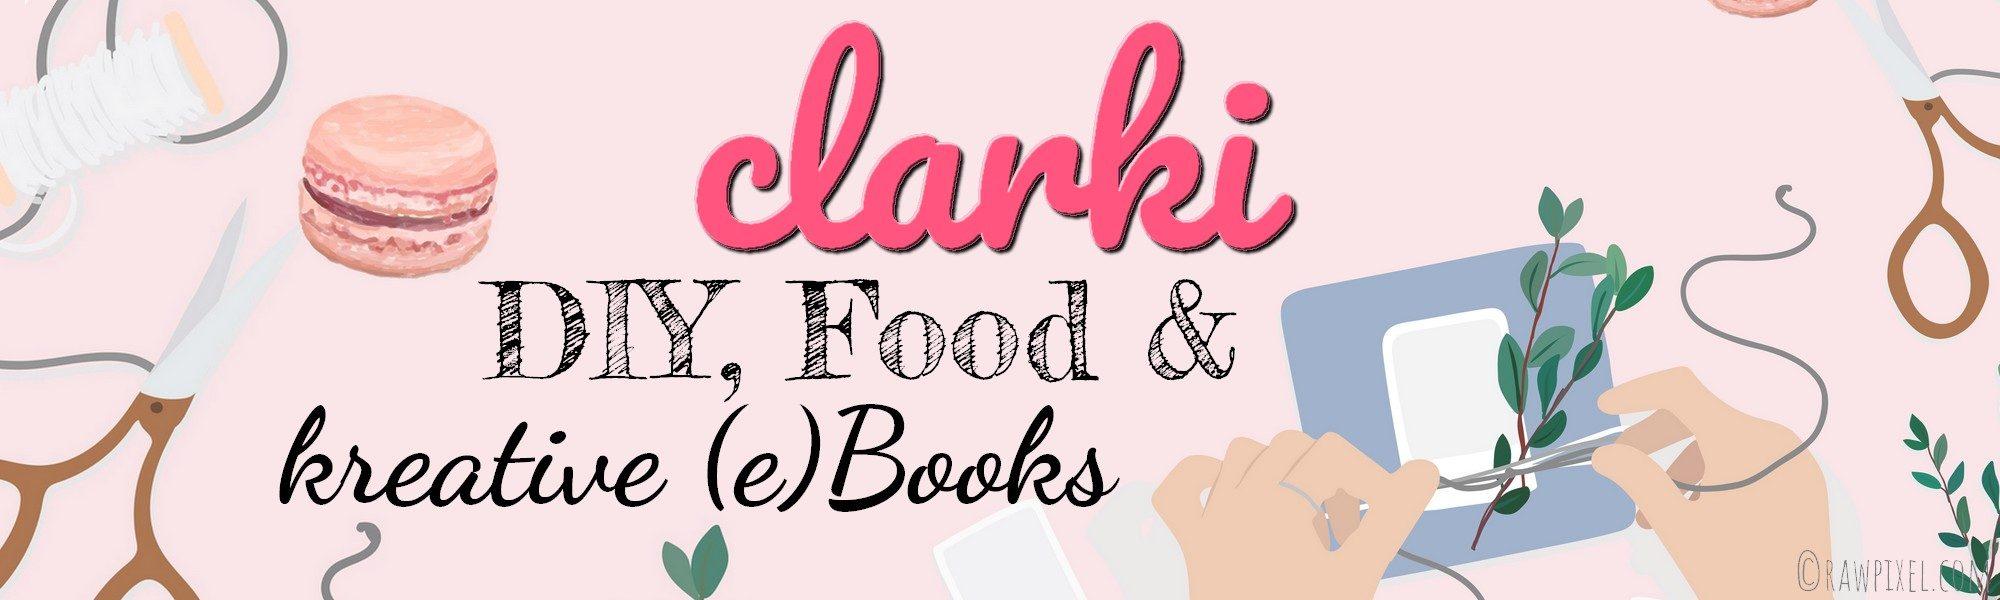 clarki – diy, rezepte und kreative bücher und ebooks